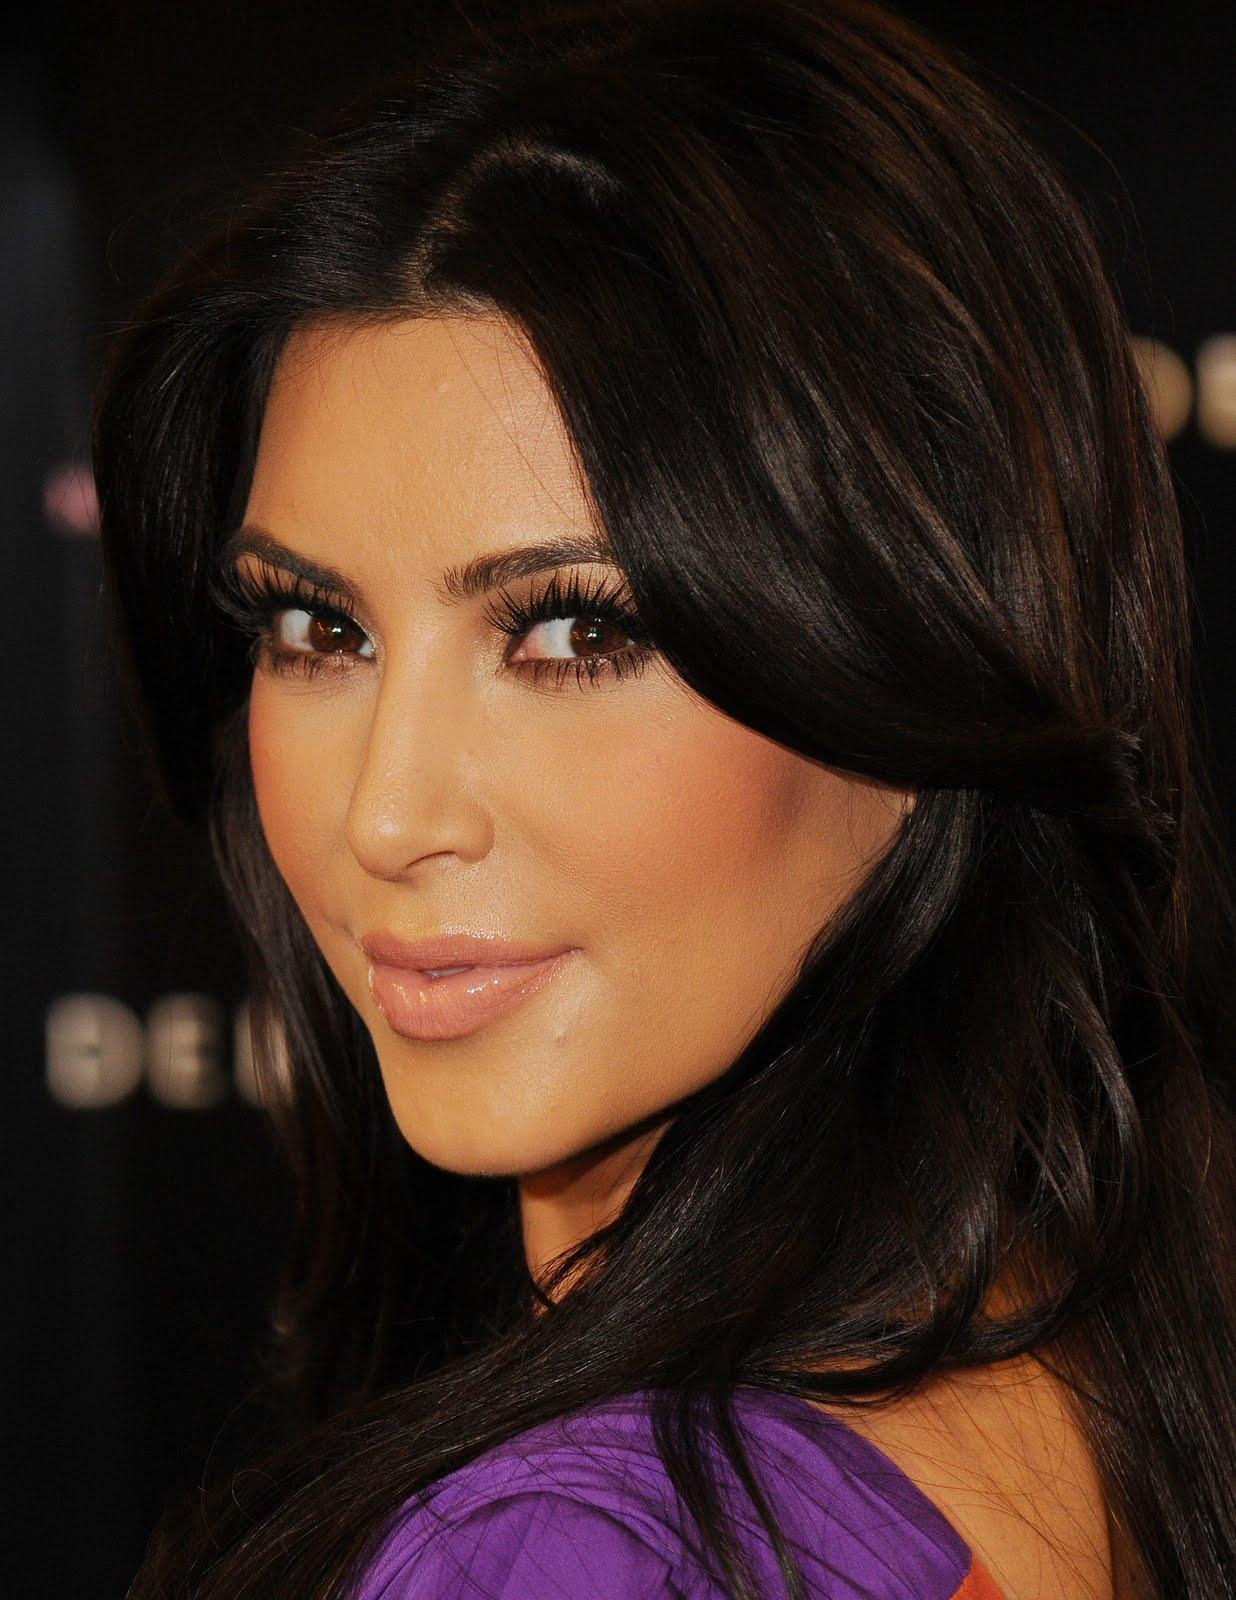 http://1.bp.blogspot.com/-uArh90NfB9s/Ty6MIASxZDI/AAAAAAAADIM/JEXZUiRB7JM/s1600/Kim-Kardashian-Free-Pictures-5.jpg